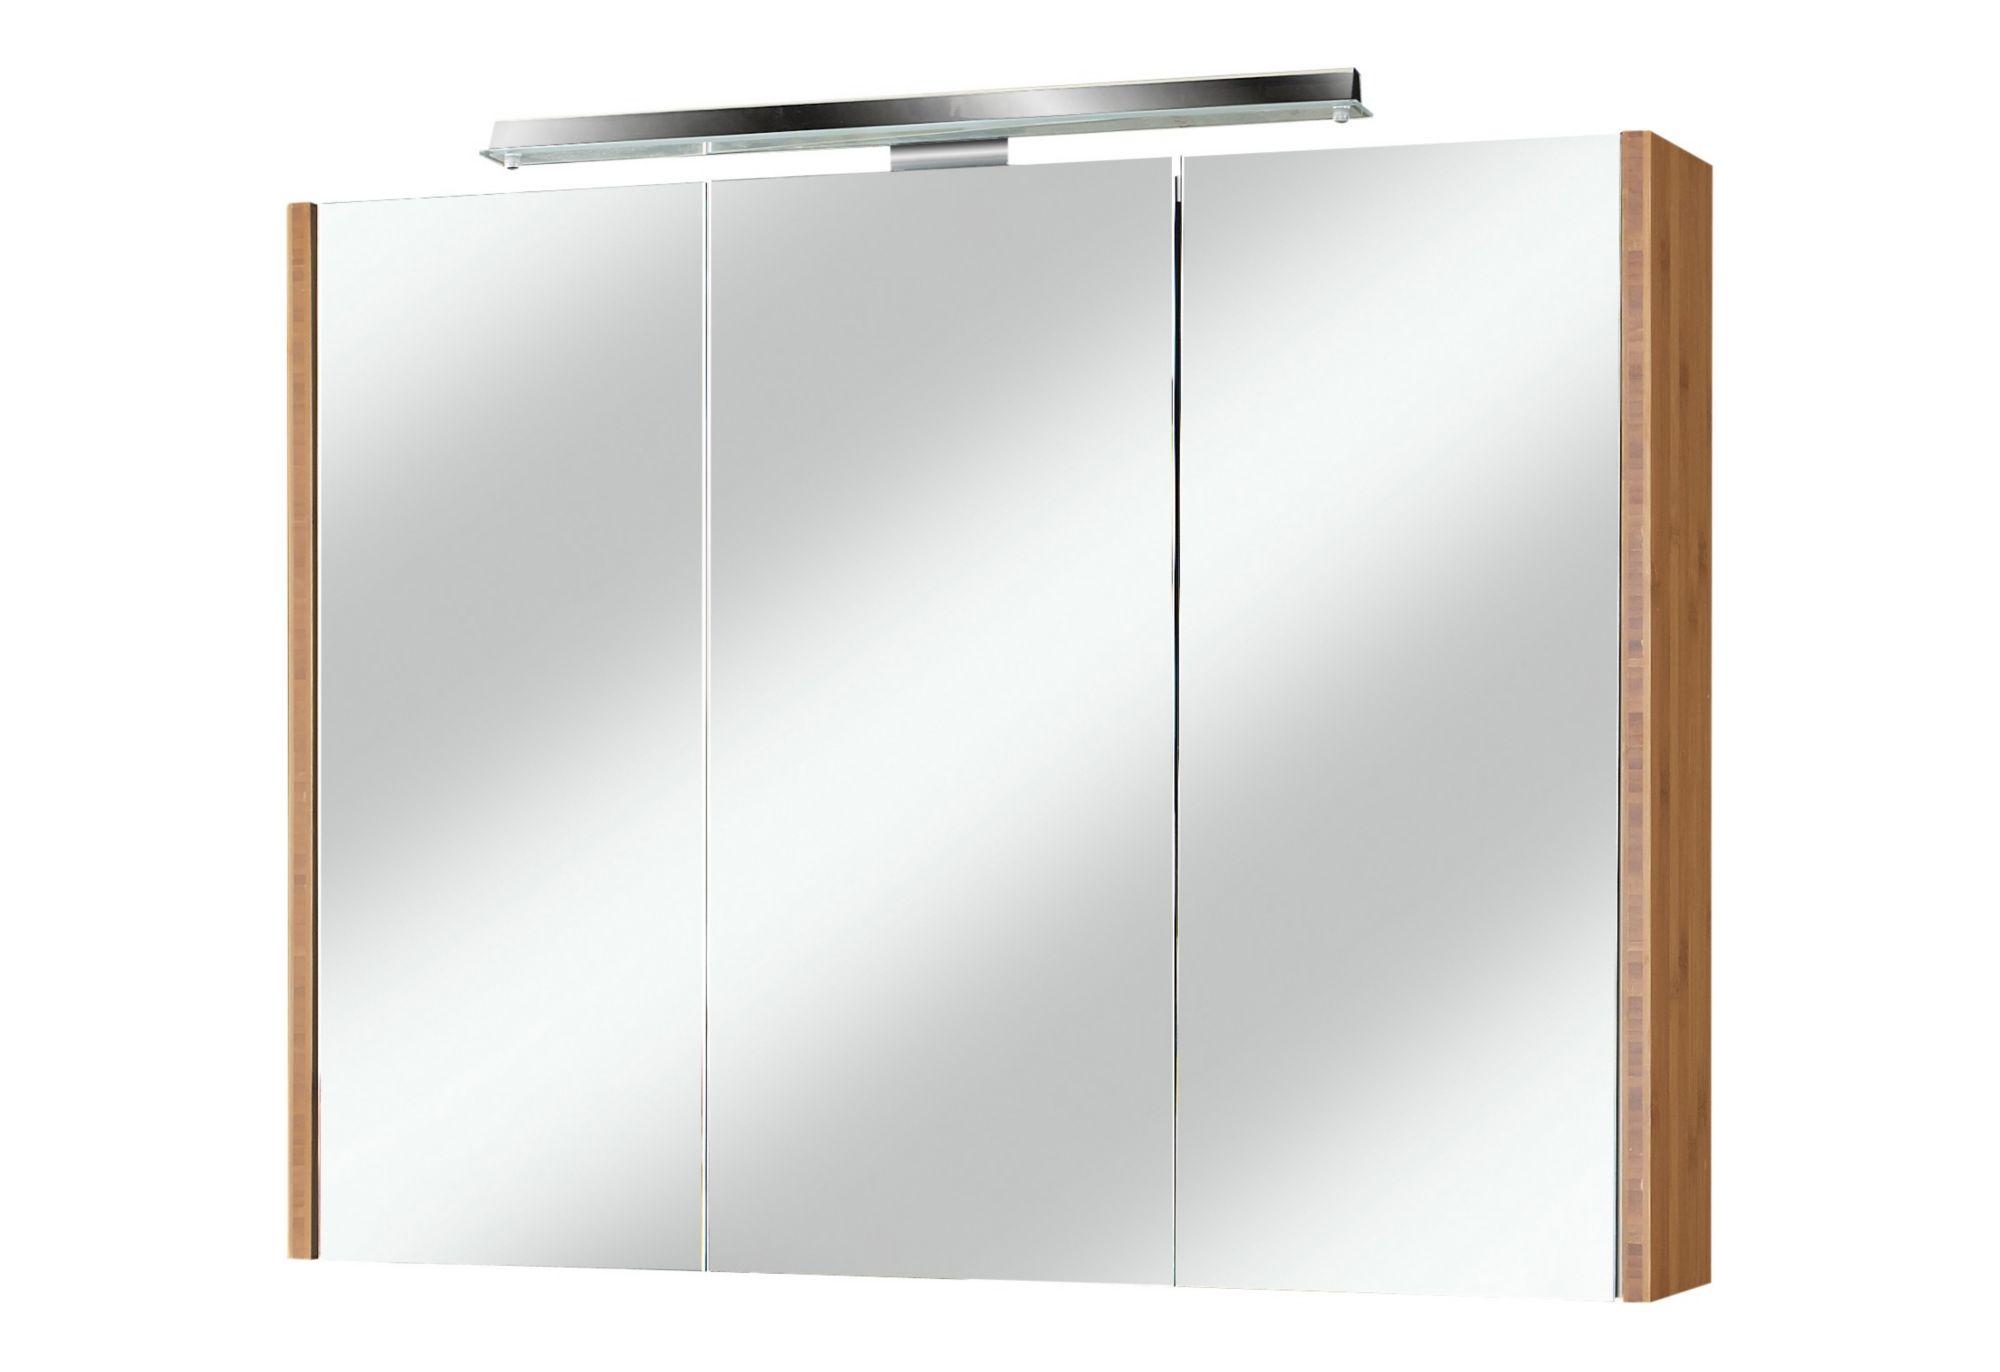 Spiegelschrank bambus breite 90 cm schwab versand spiegelschr nke mit beleuchtung - Spiegelschrank bambus ...